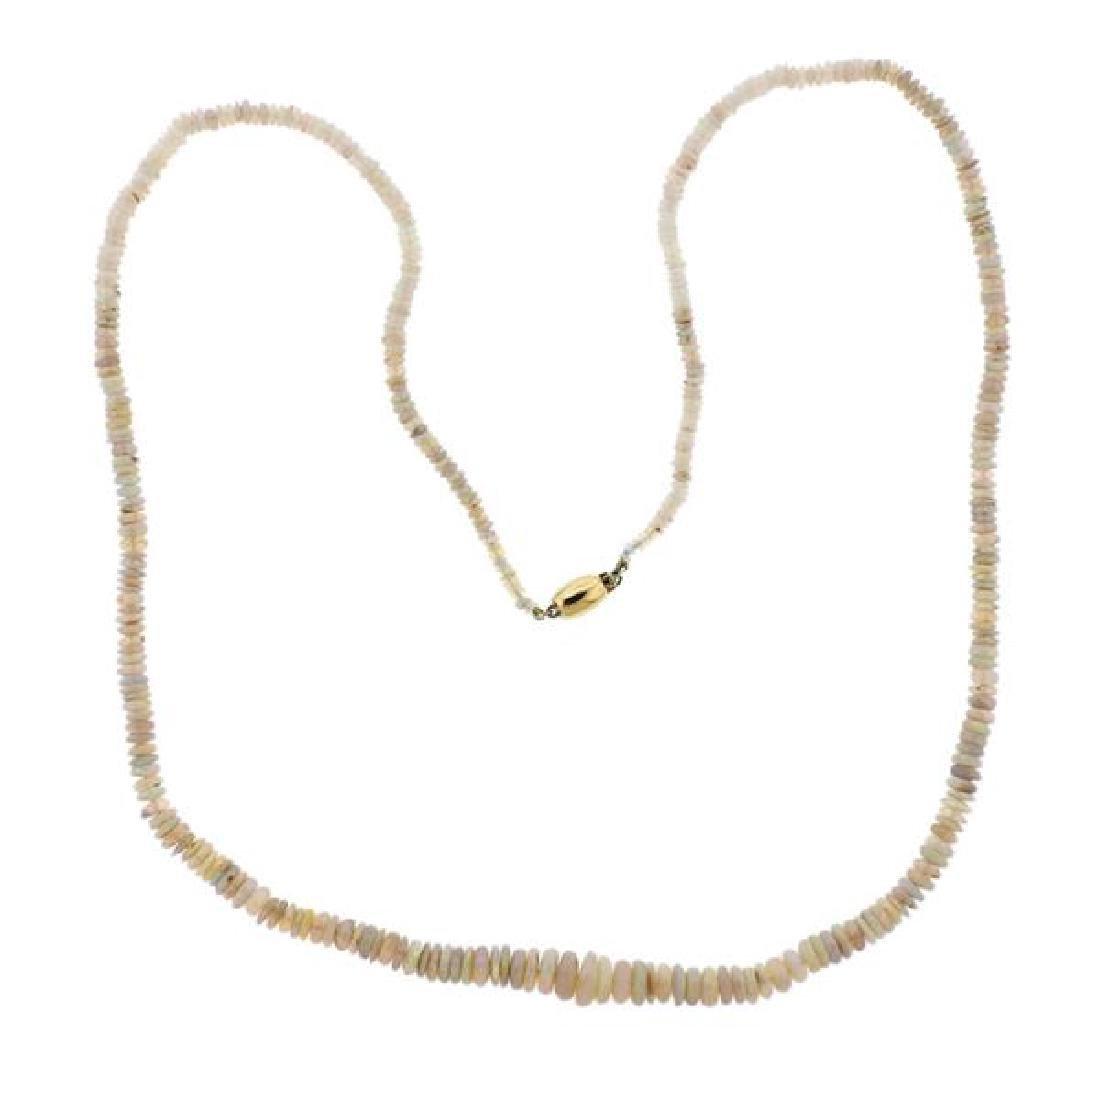 14K Gold Opal Necklace